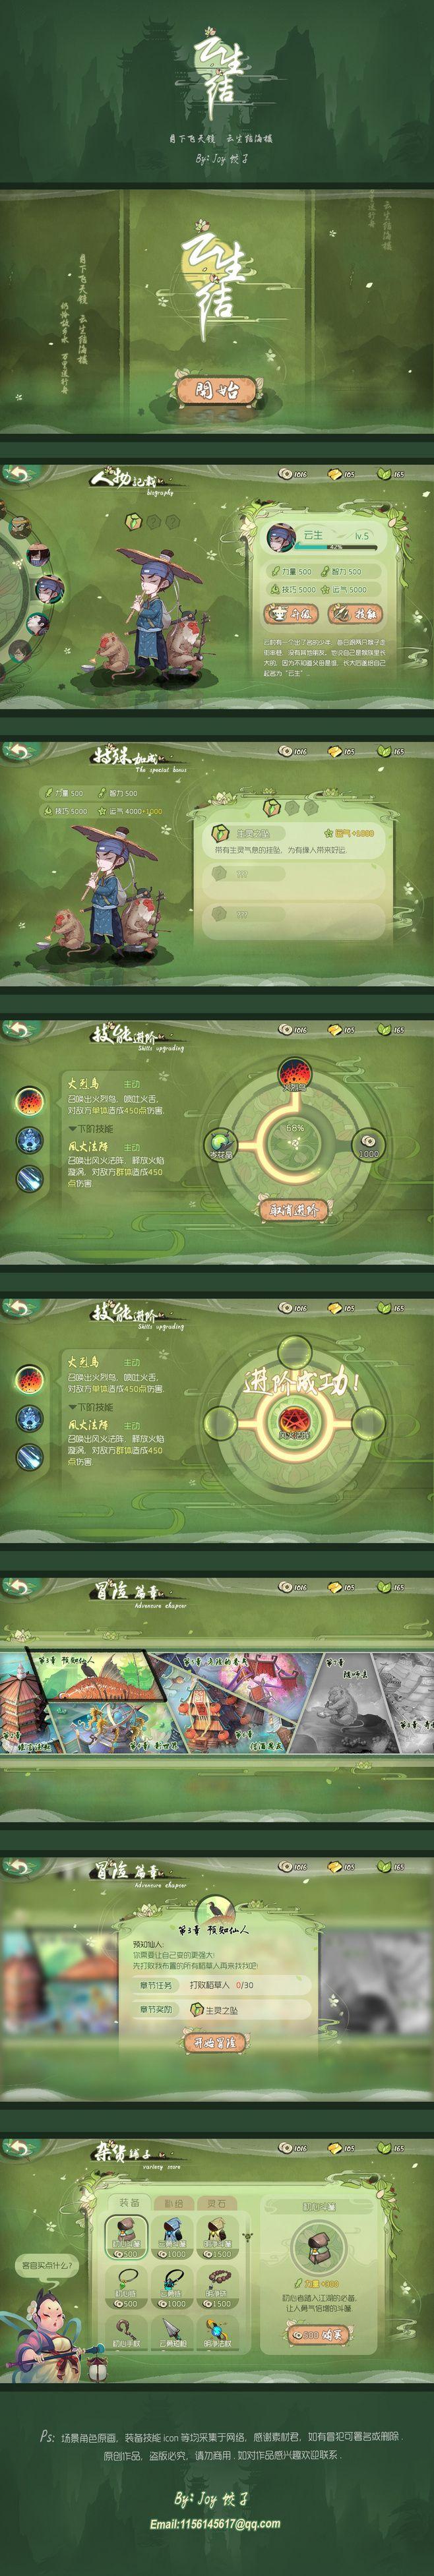 ability paths